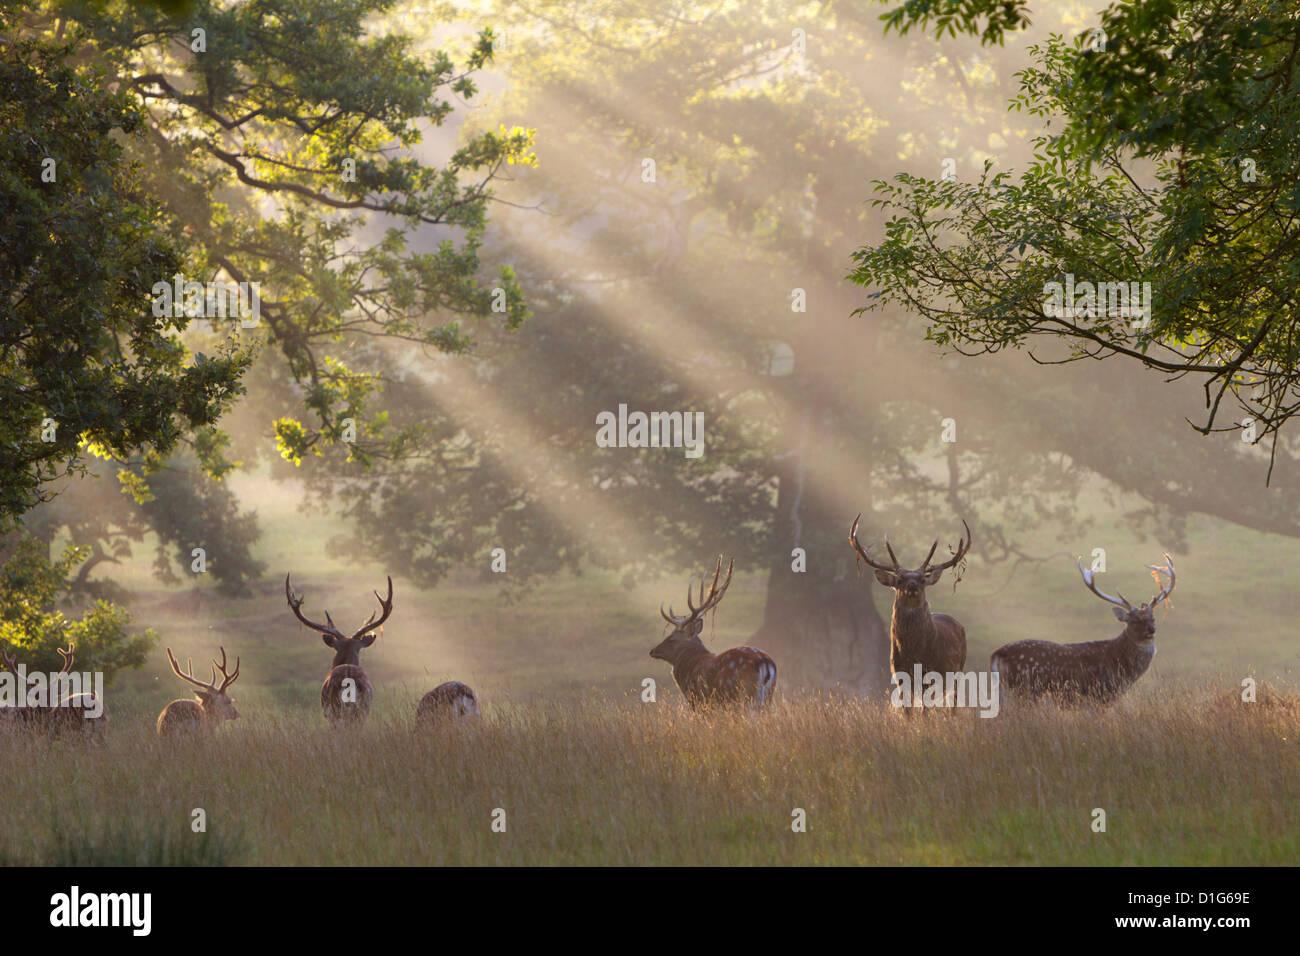 Cervi nella nebbia mattutina, Woburn Abbey Park, Woburn, Bedfordshire, England, Regno Unito, Europa Immagini Stock